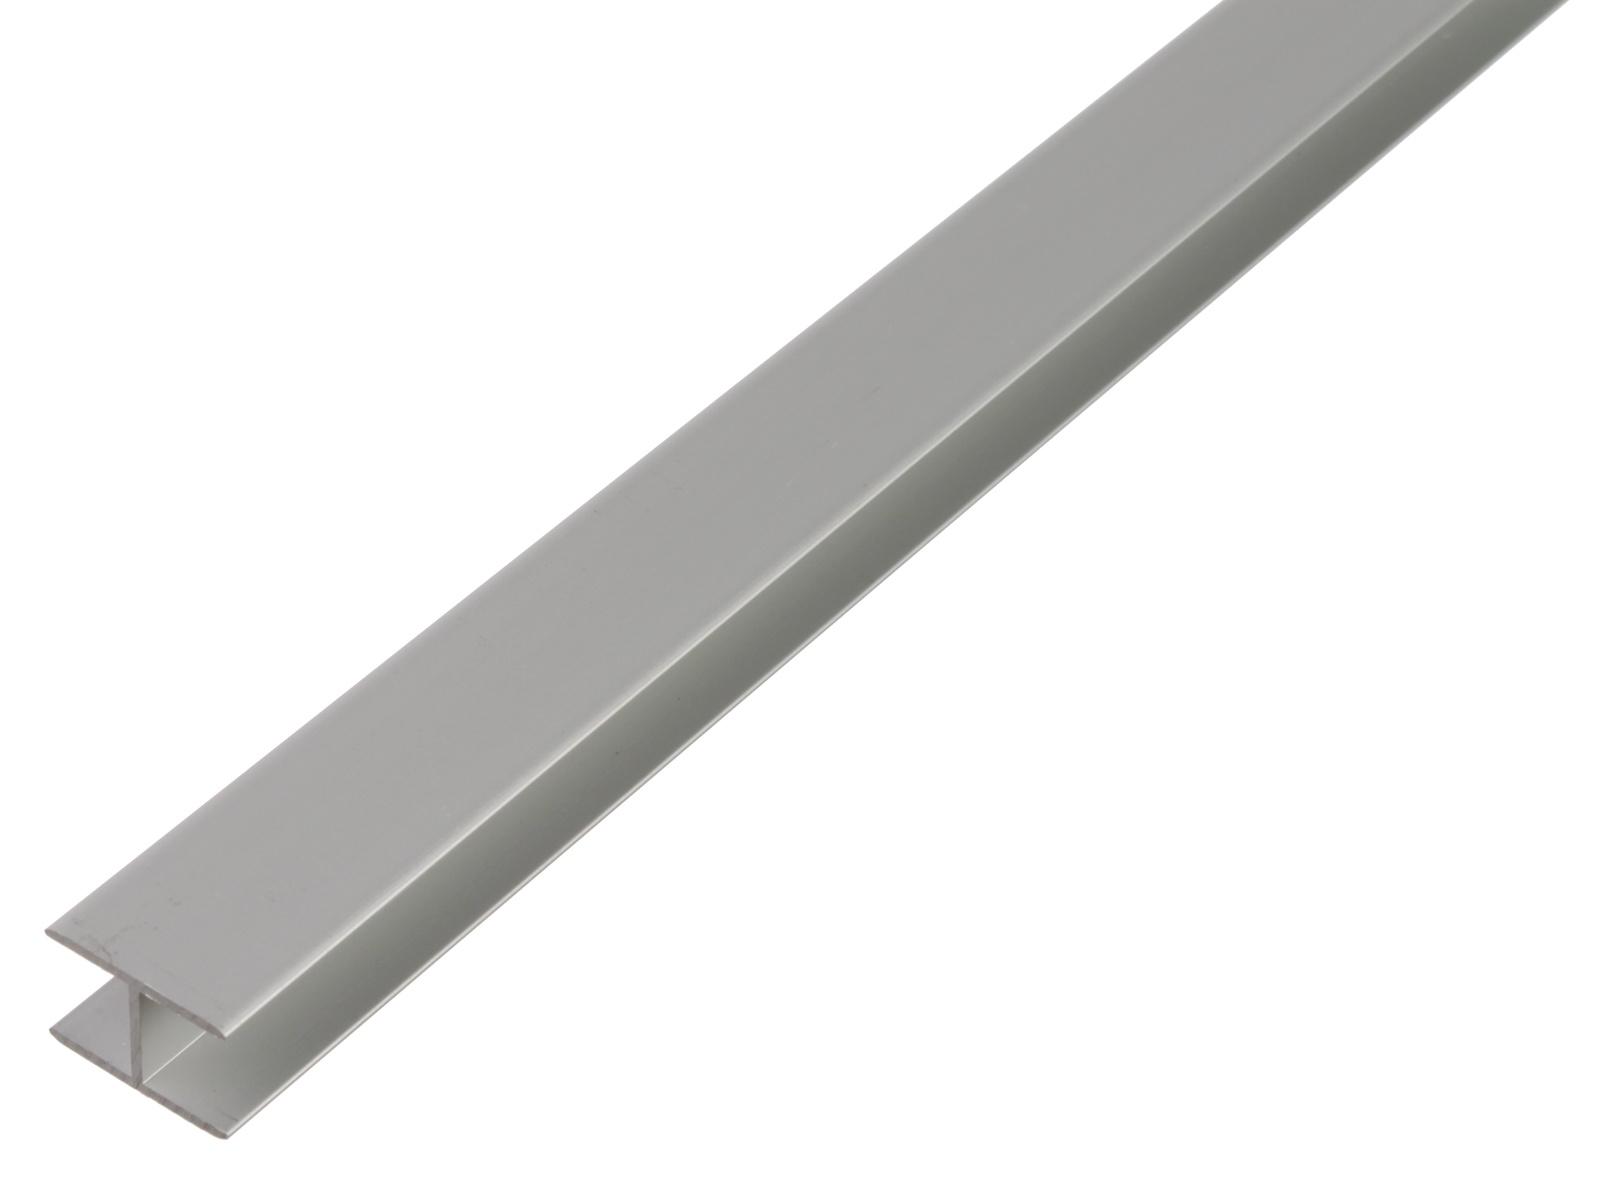 Профиль Н-образный, Gah Alberts,  алюминиевый, серебристый,  8,9x20x1,5х1000мм Gah Alberts